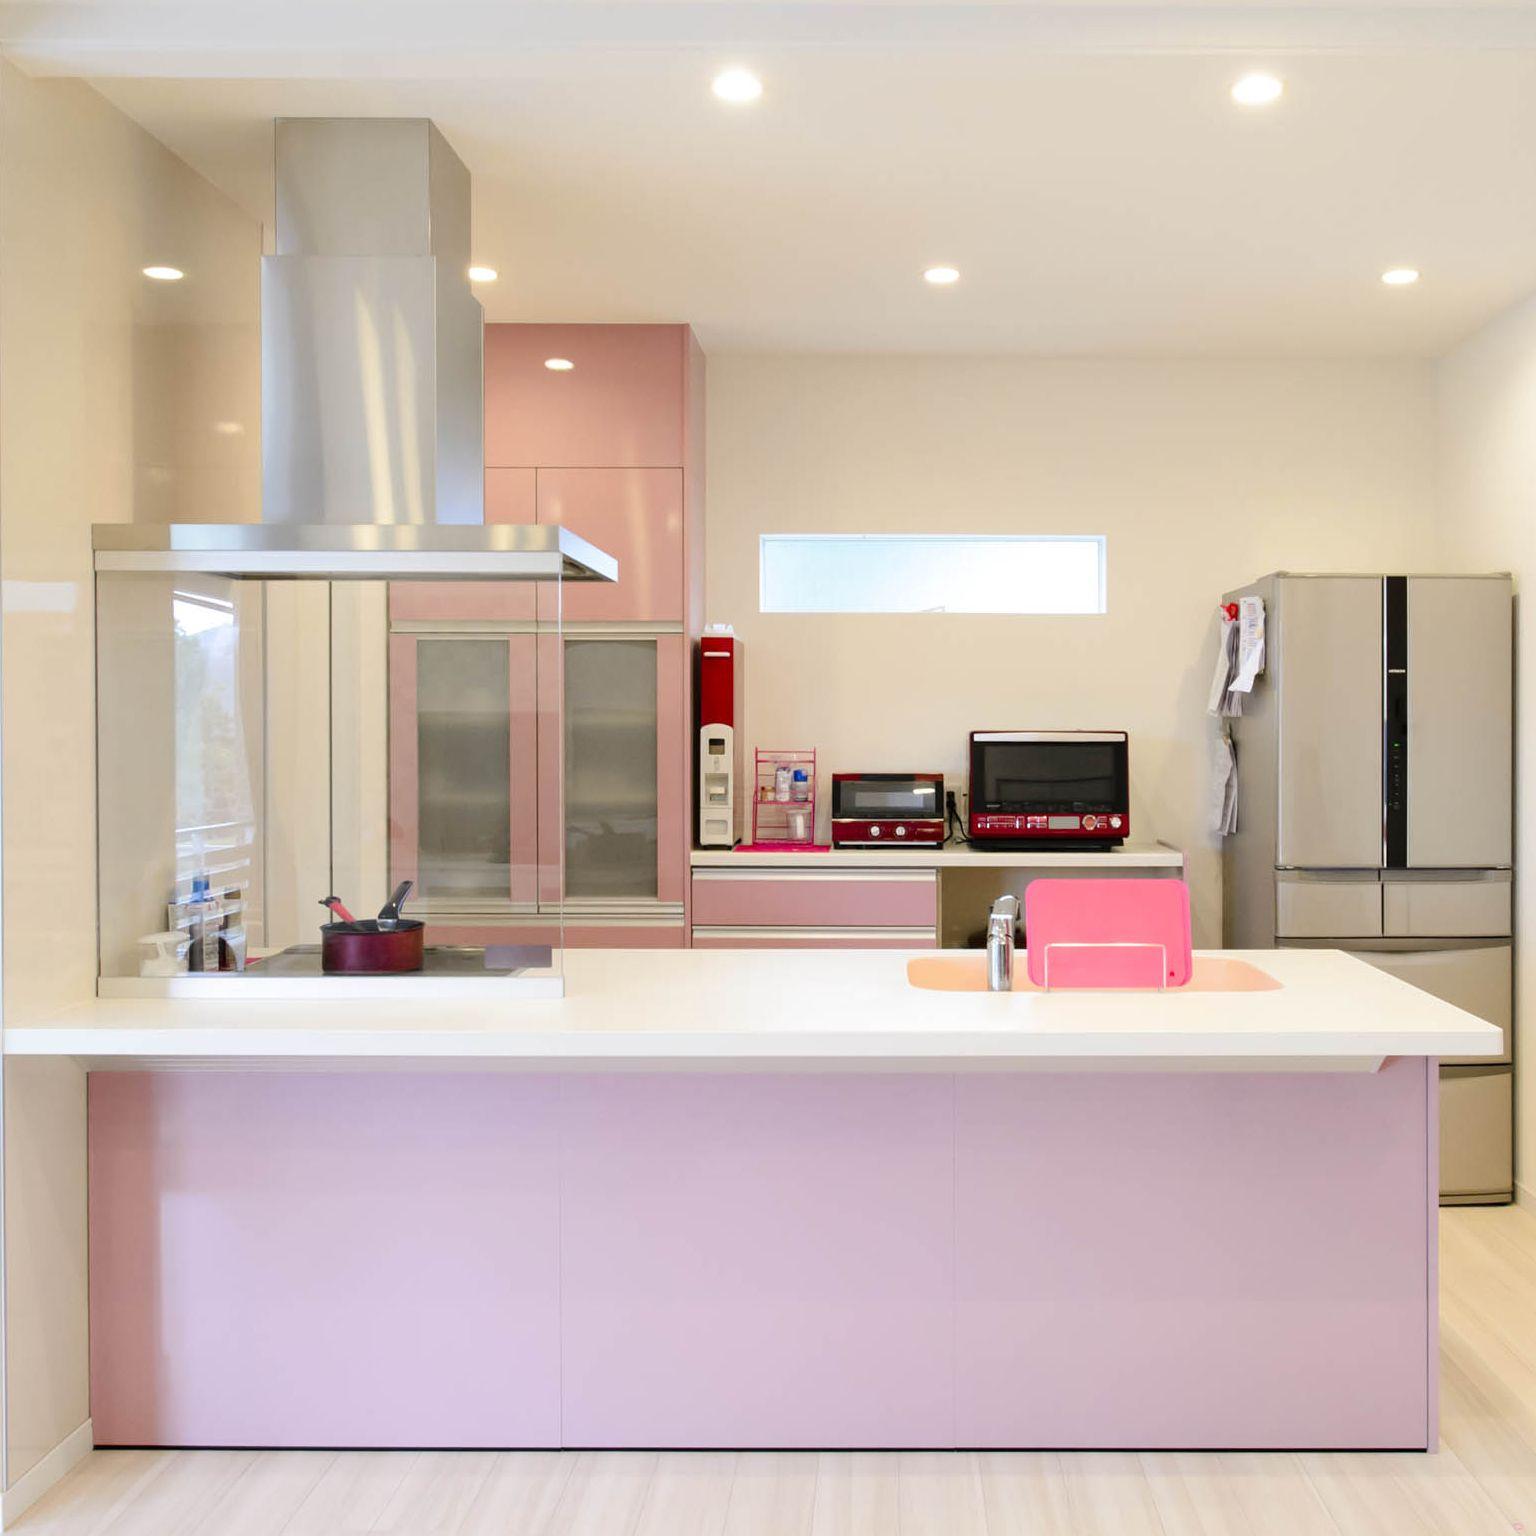 ピンク好きな奥様のかわいいキッチン 水回りから棚 家電まで同系色